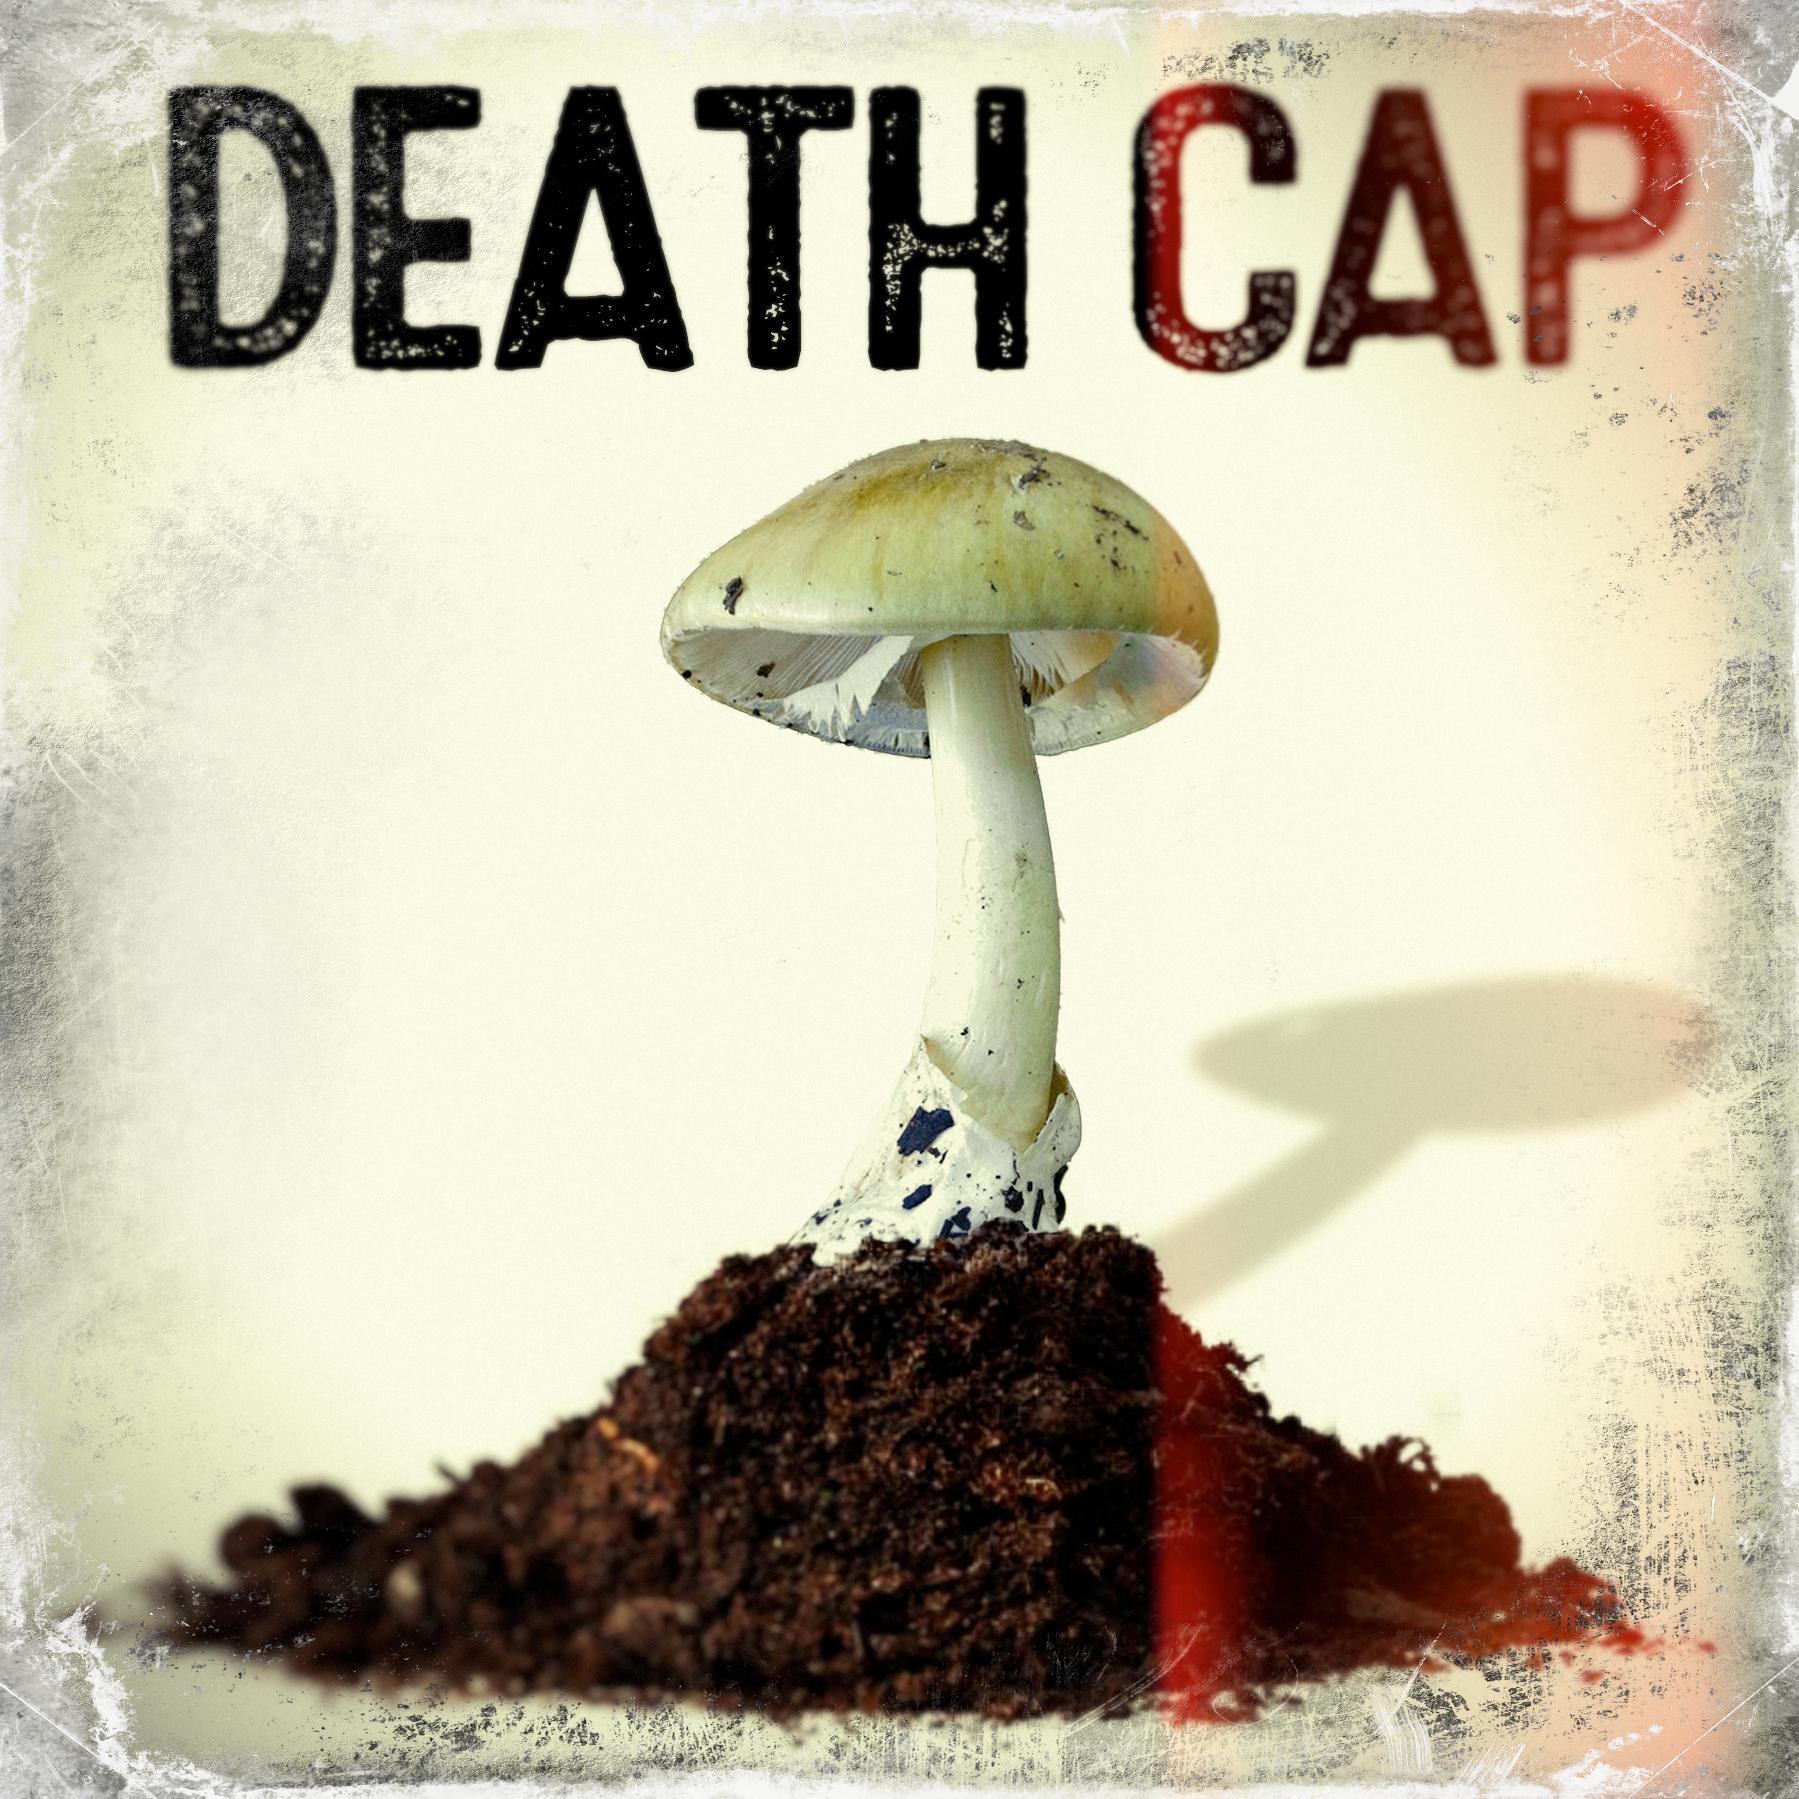 death_cap_mushroom.png